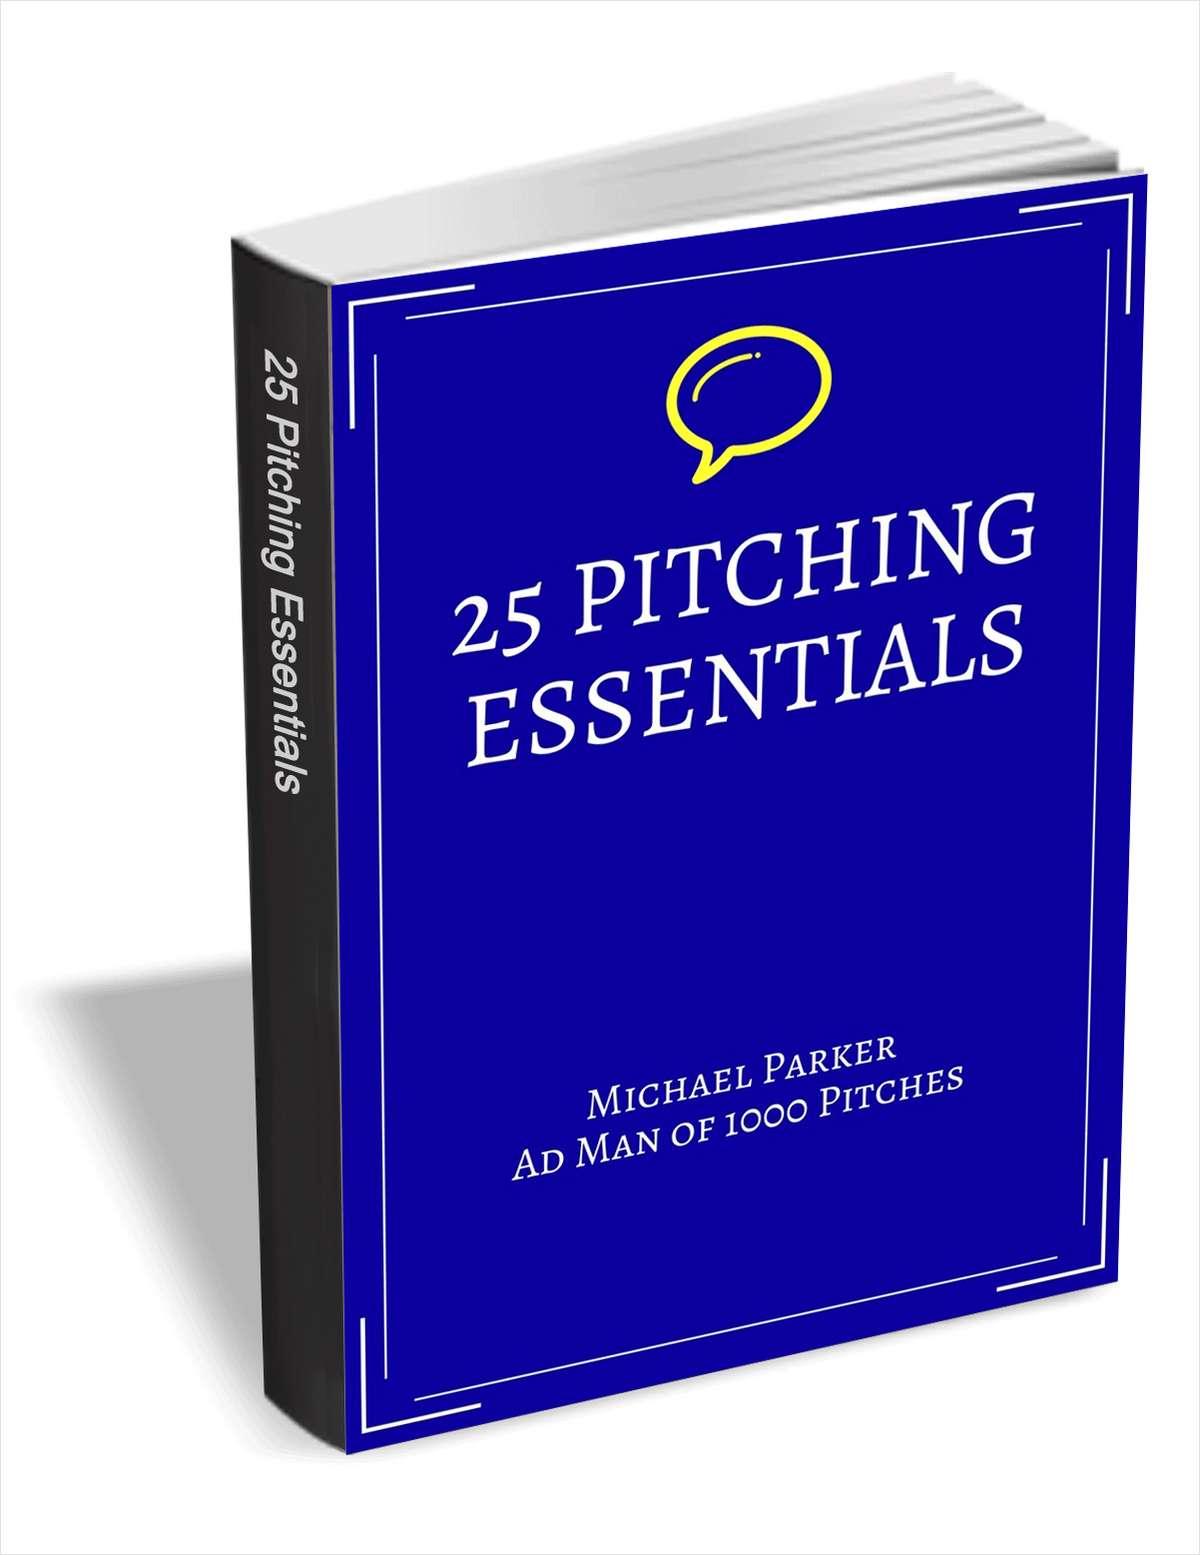 25 Pitching Essentials